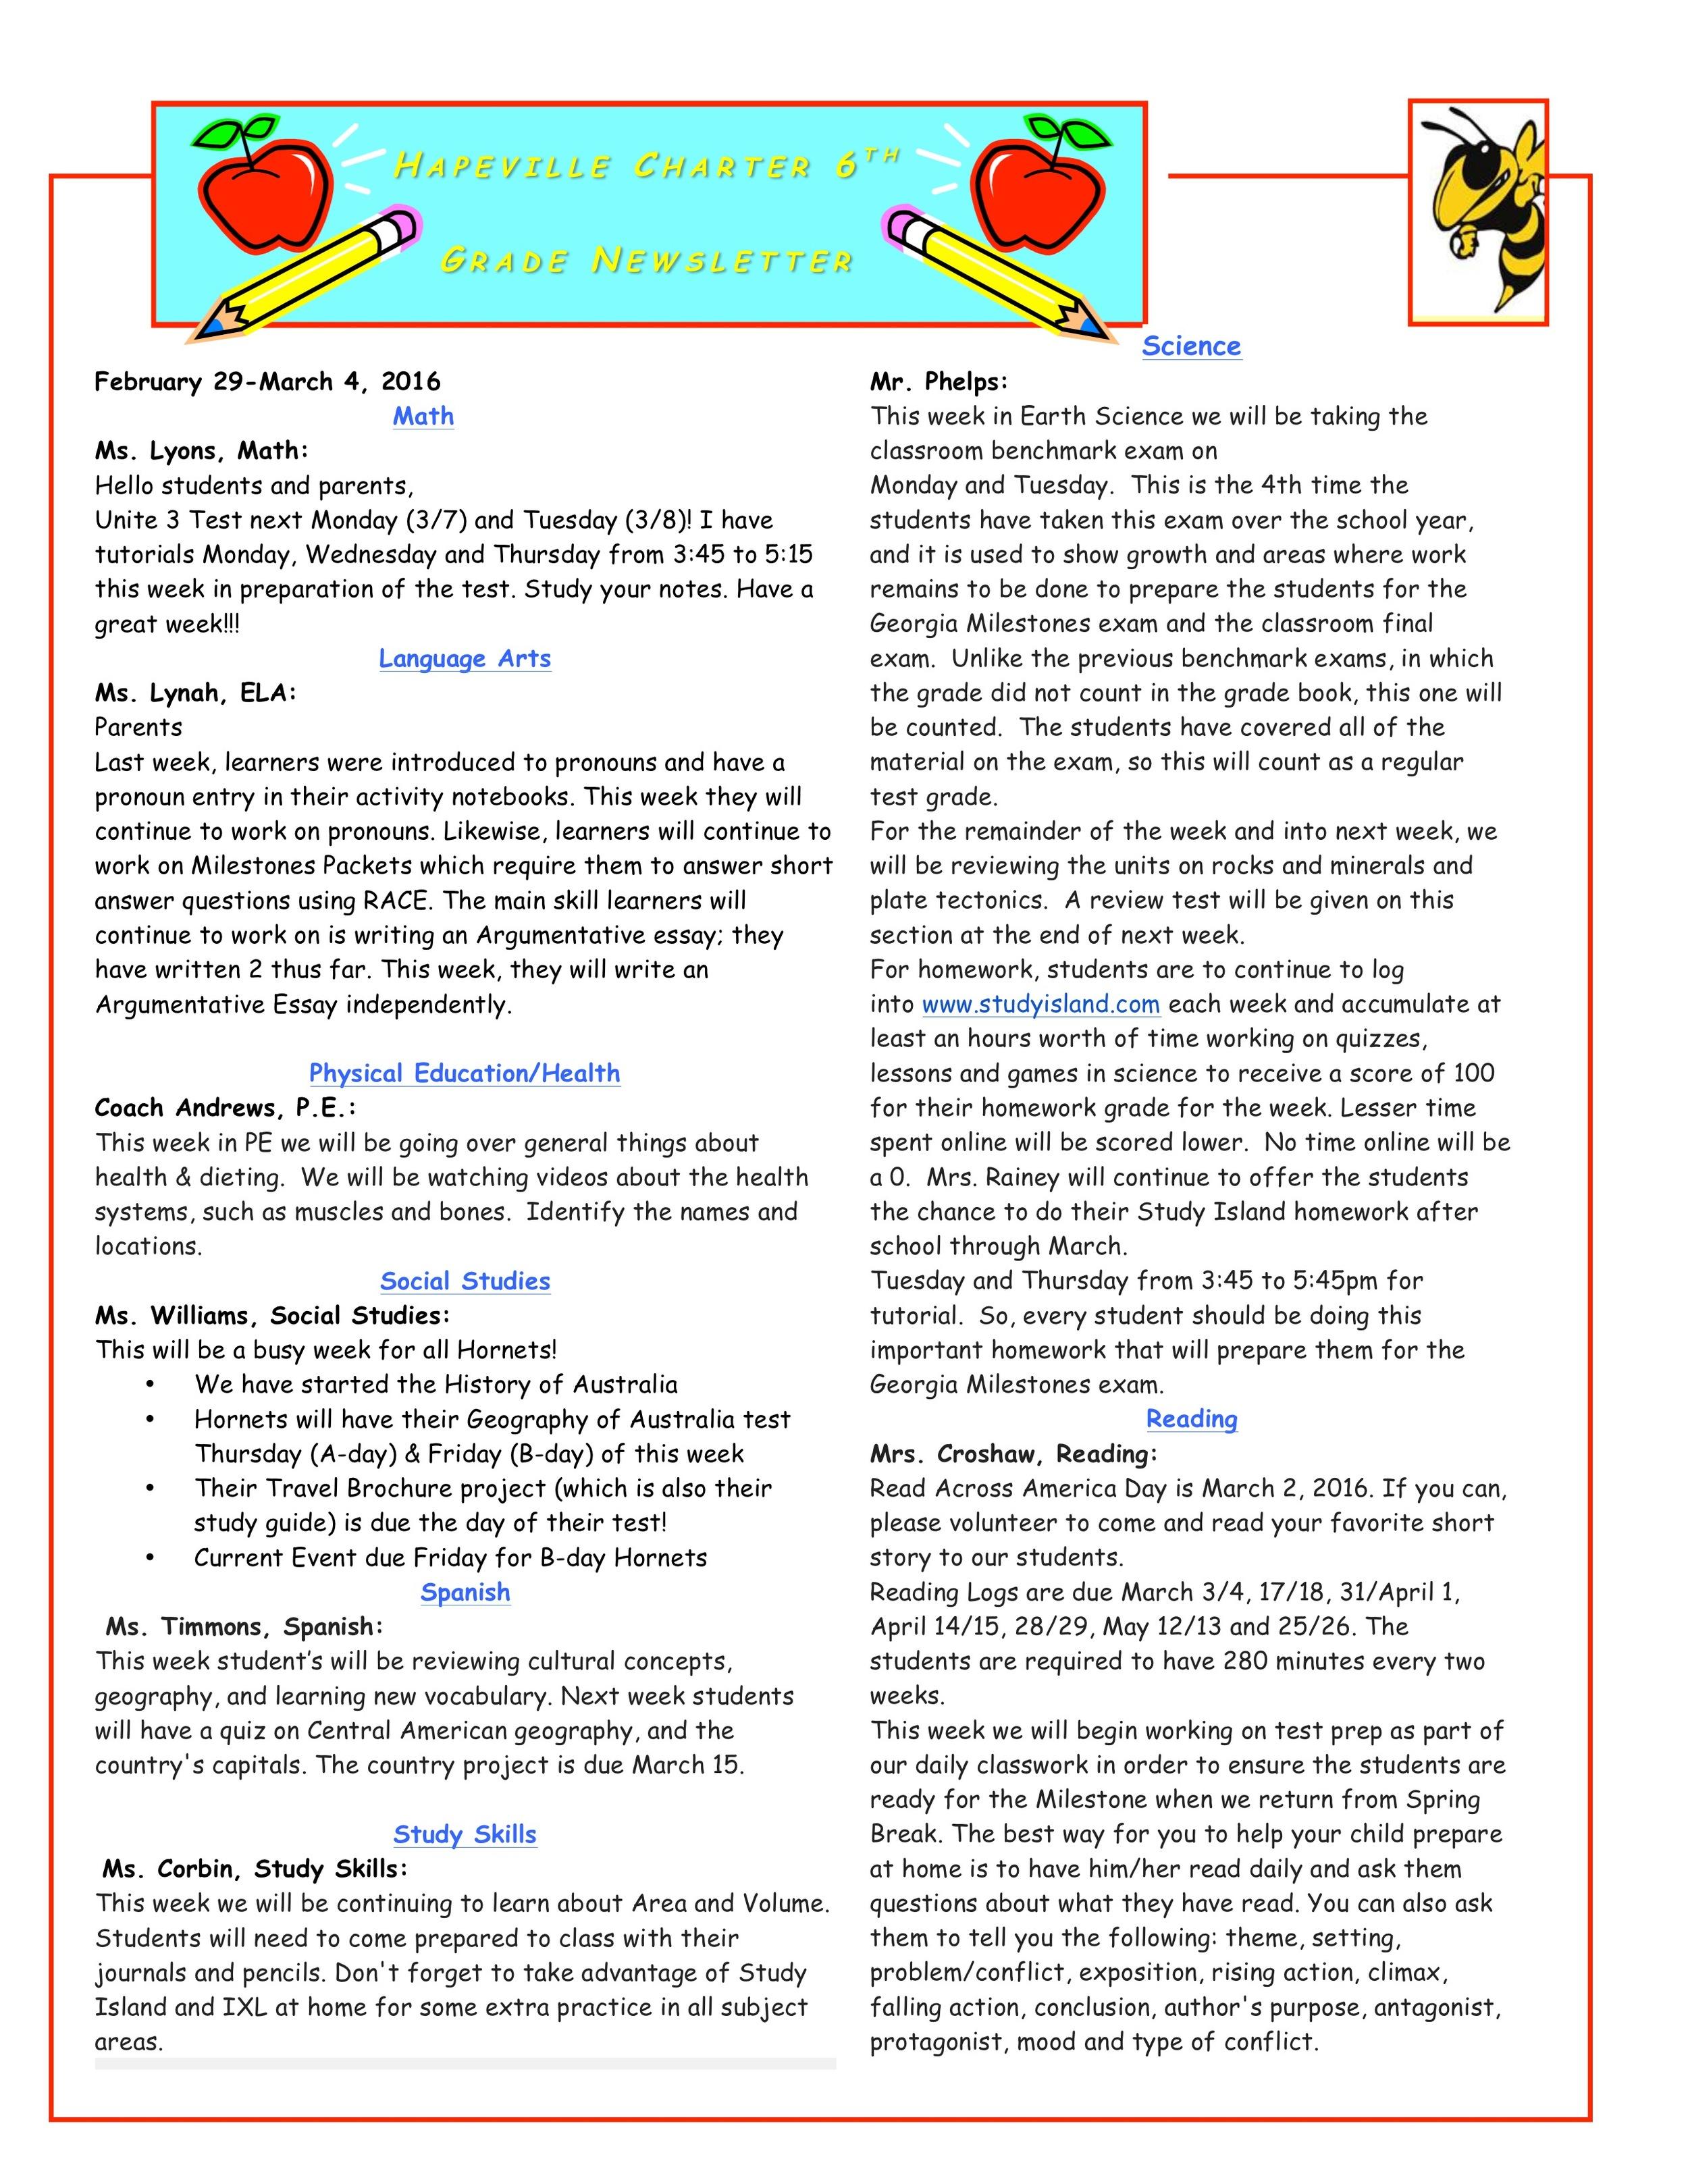 Newsletter 2.29.2016 6th Gradepdf-image.jpeg